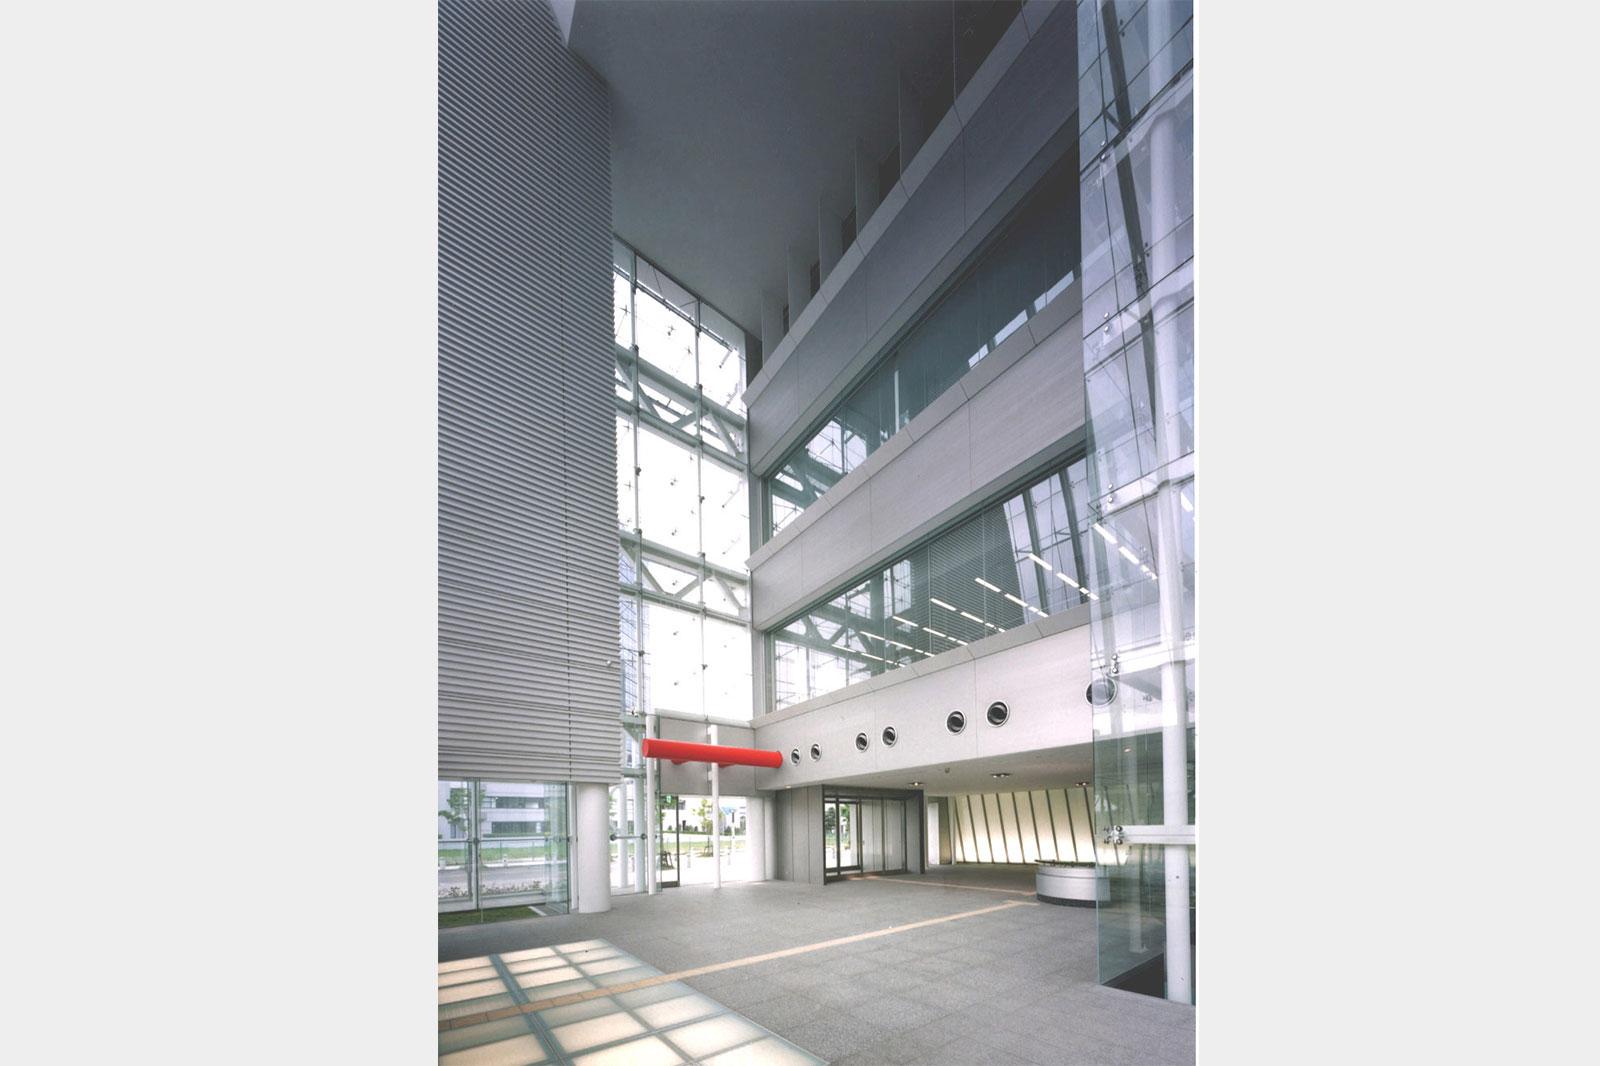 産業技術総合研究所 臨海副都心センター